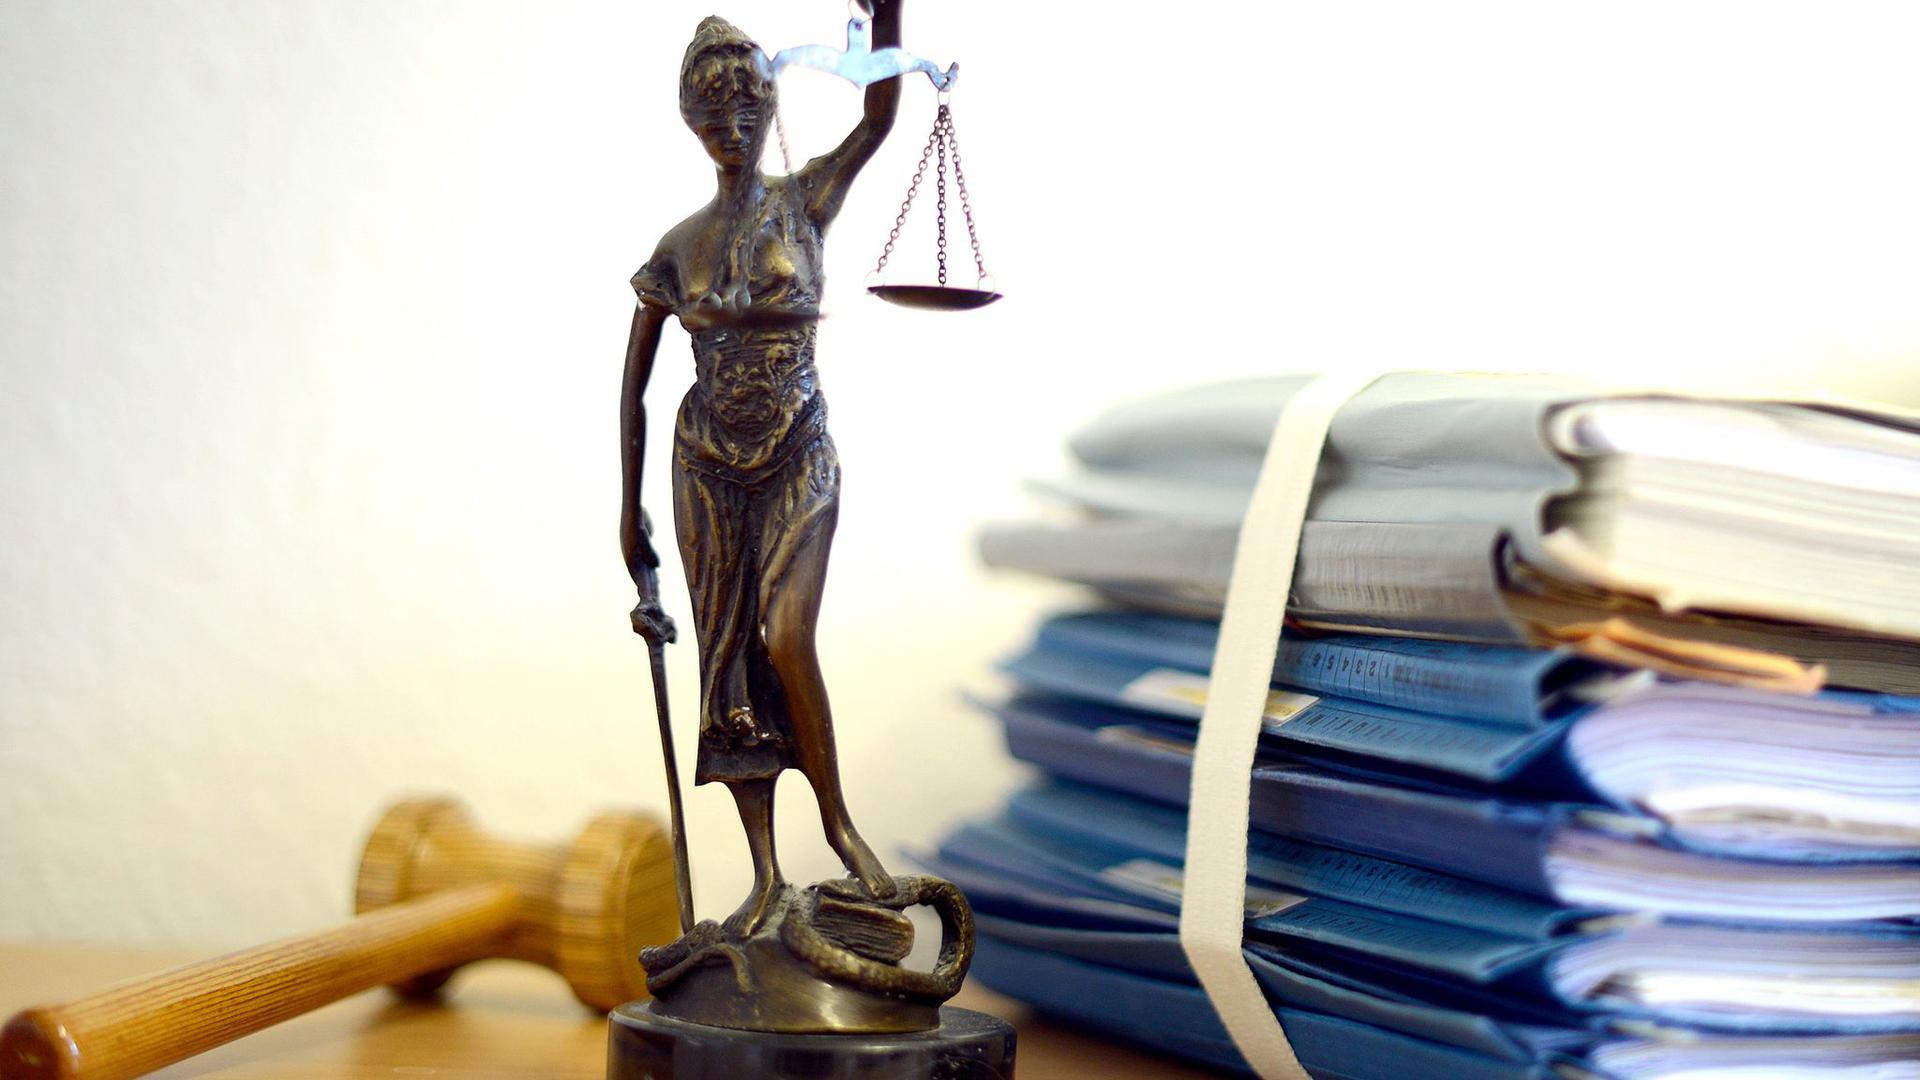 Ein Modell der Justitia steht auf einem Tisch.